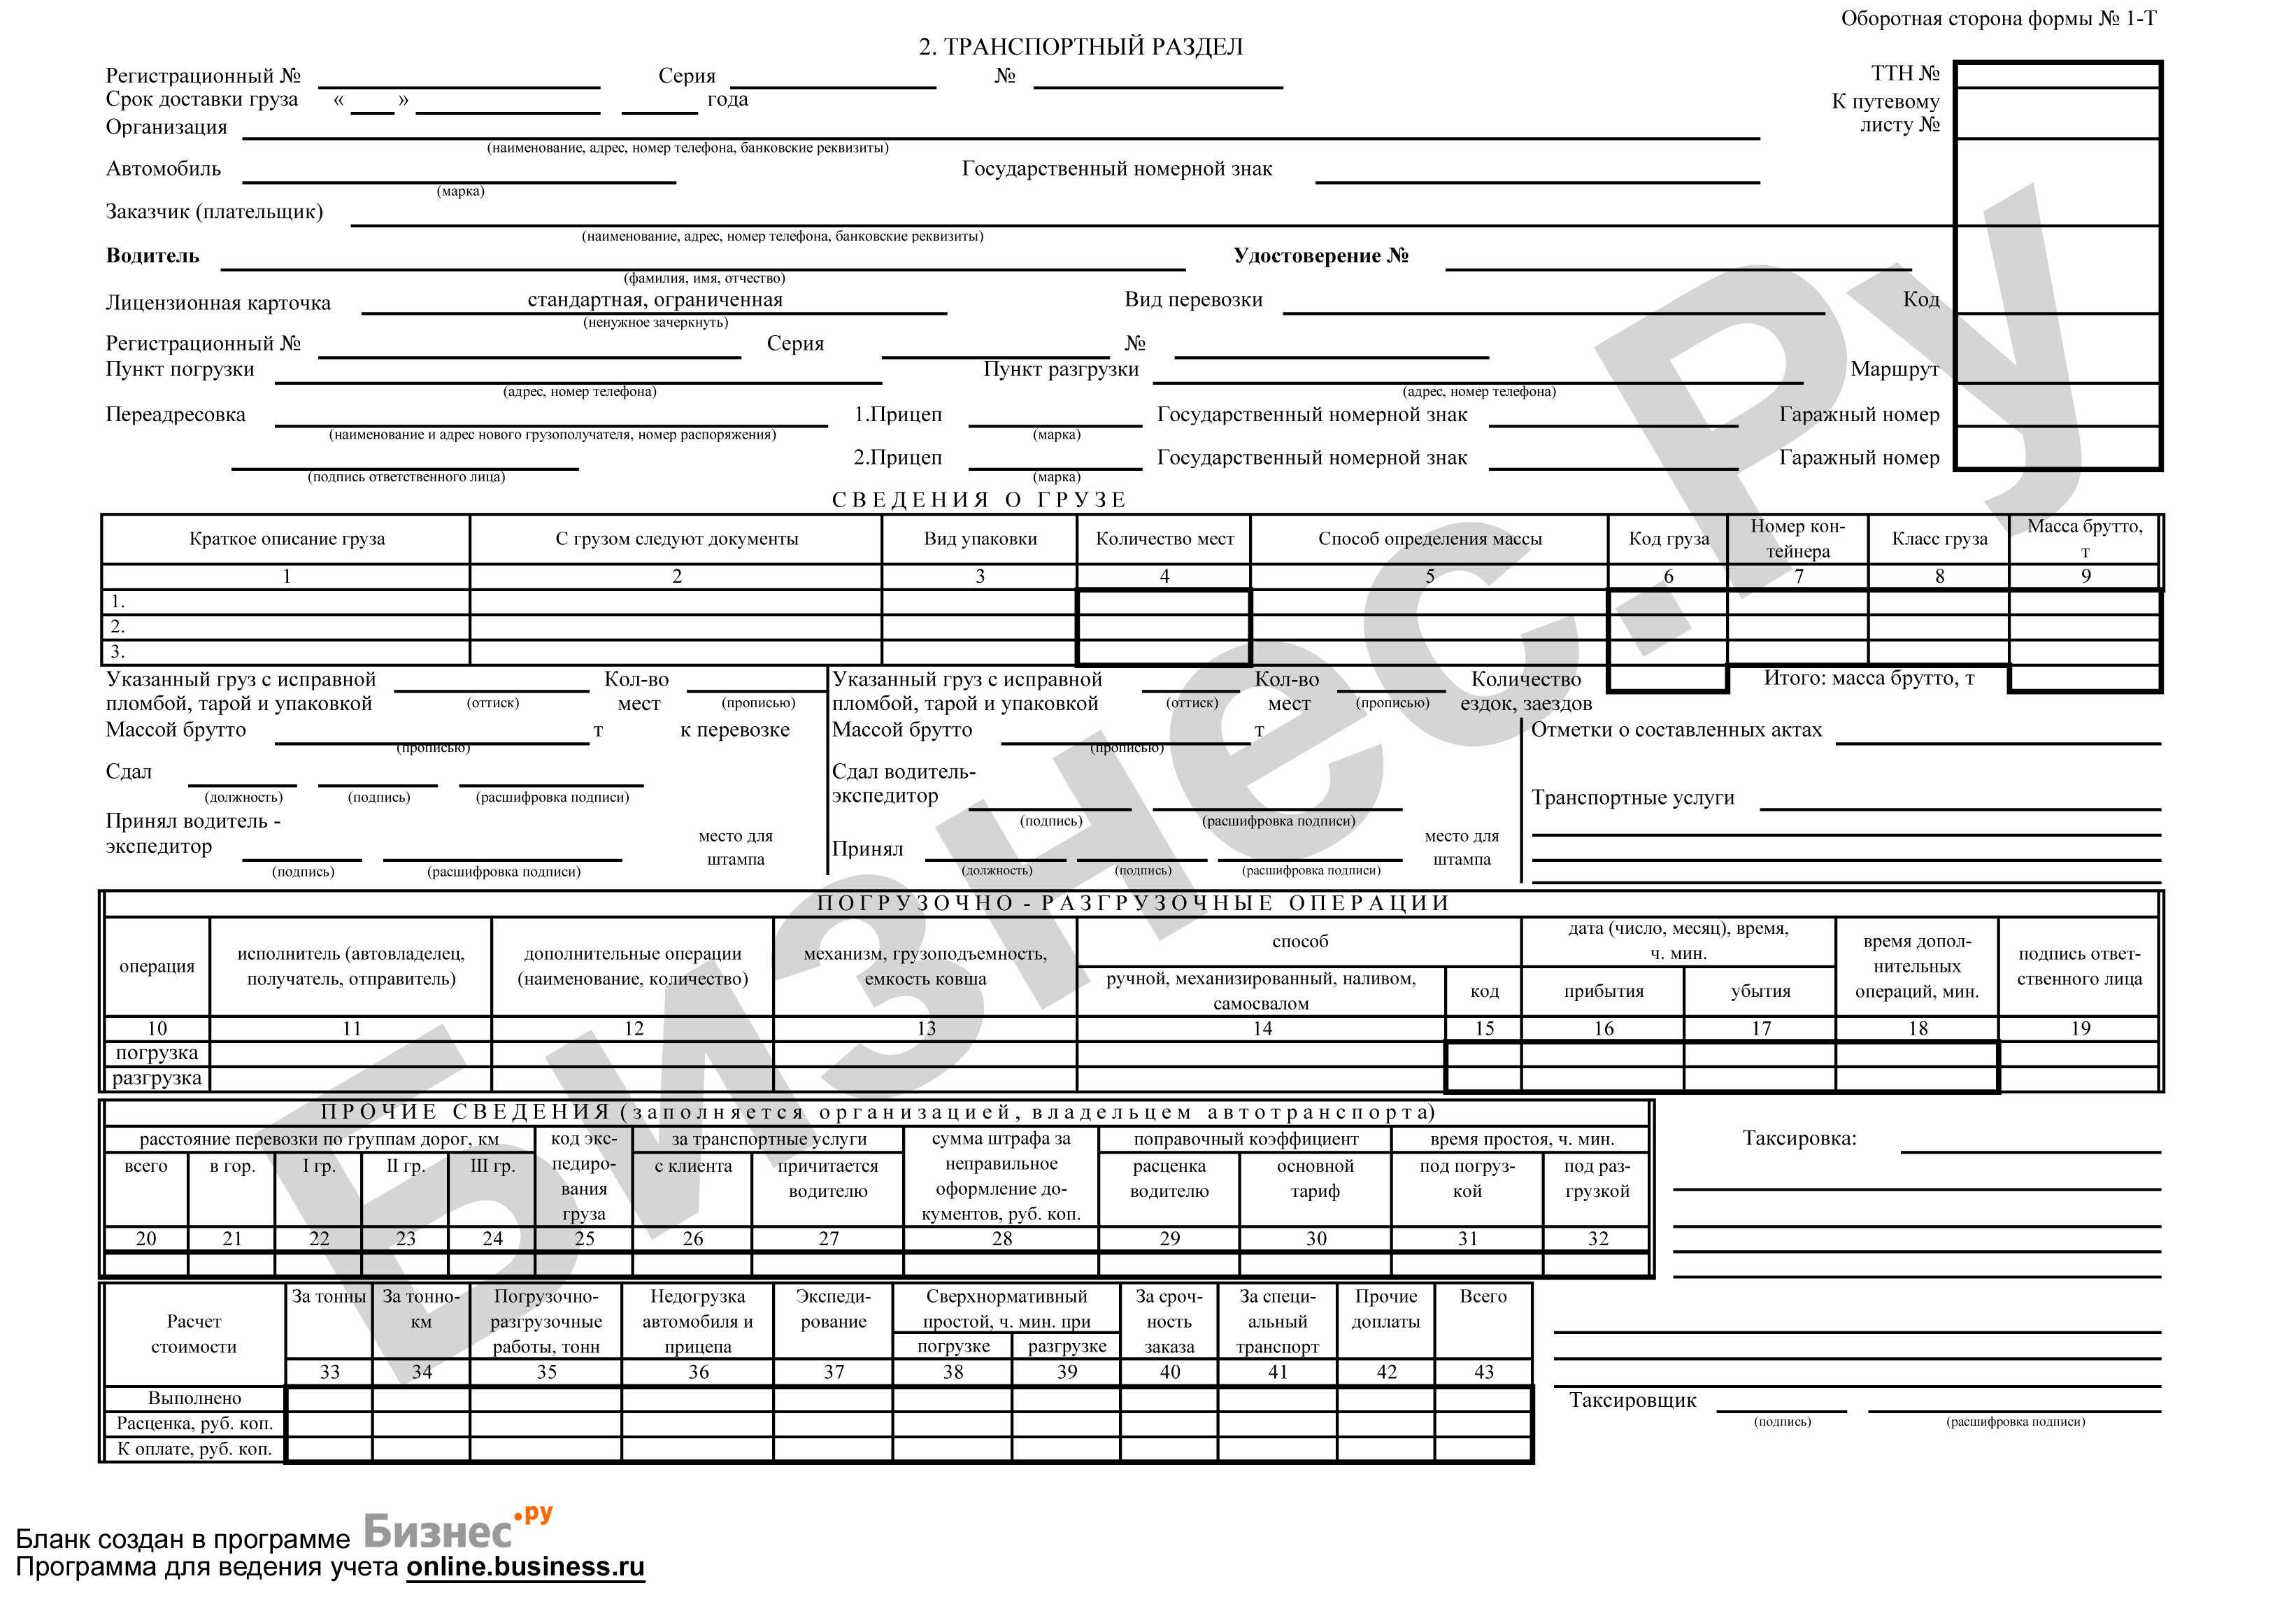 бланк формы листка прибытия форма 2